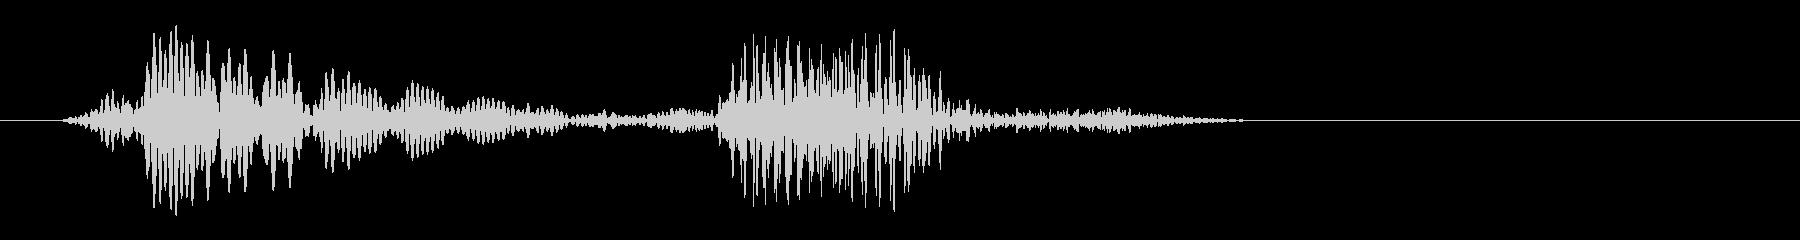 うへっという間の抜けた効果音の未再生の波形